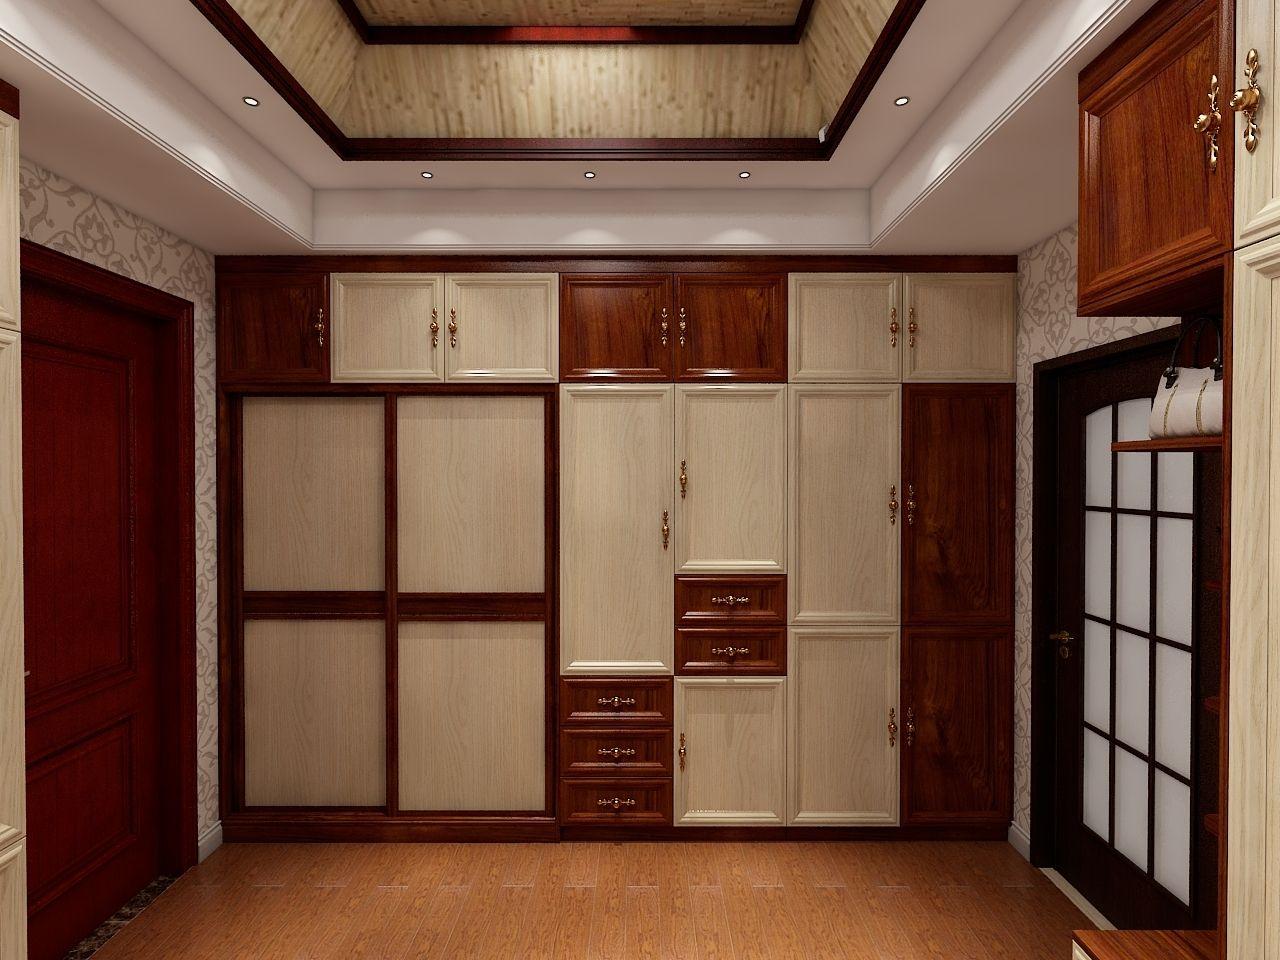 相比傳統木衣櫃,全鋁合金衣櫃存在哪些優勢呢